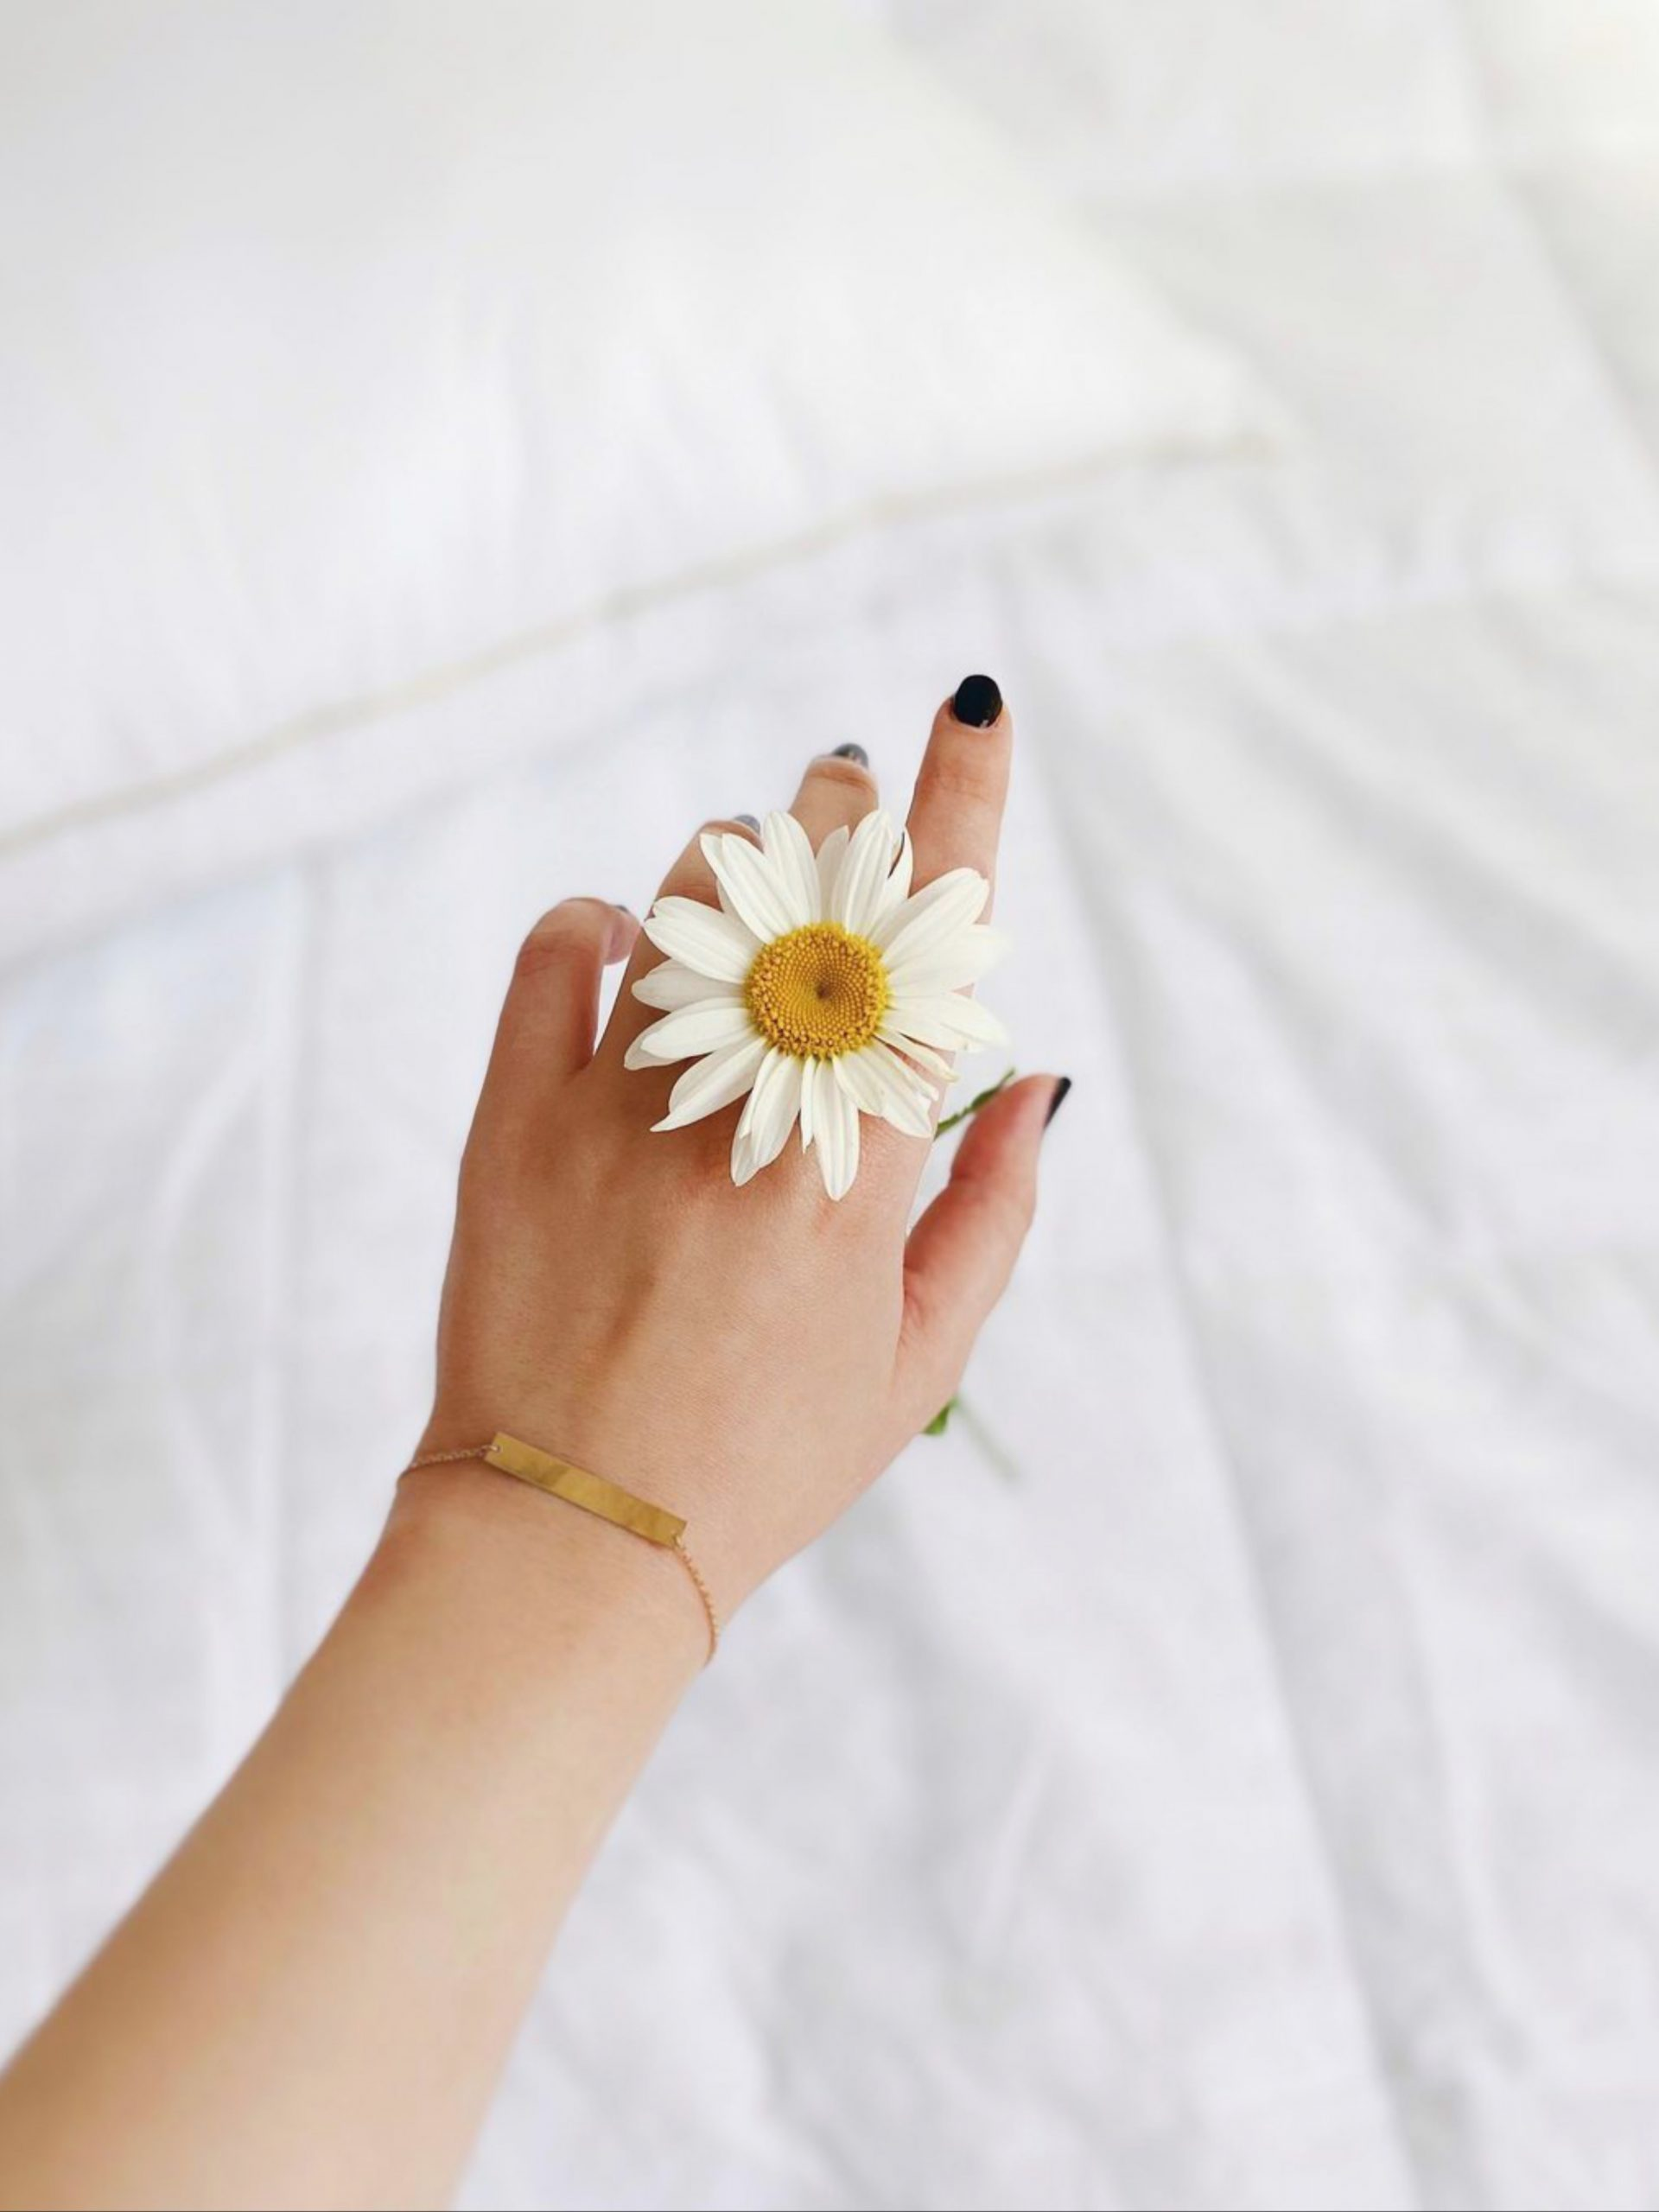 Ring of flower